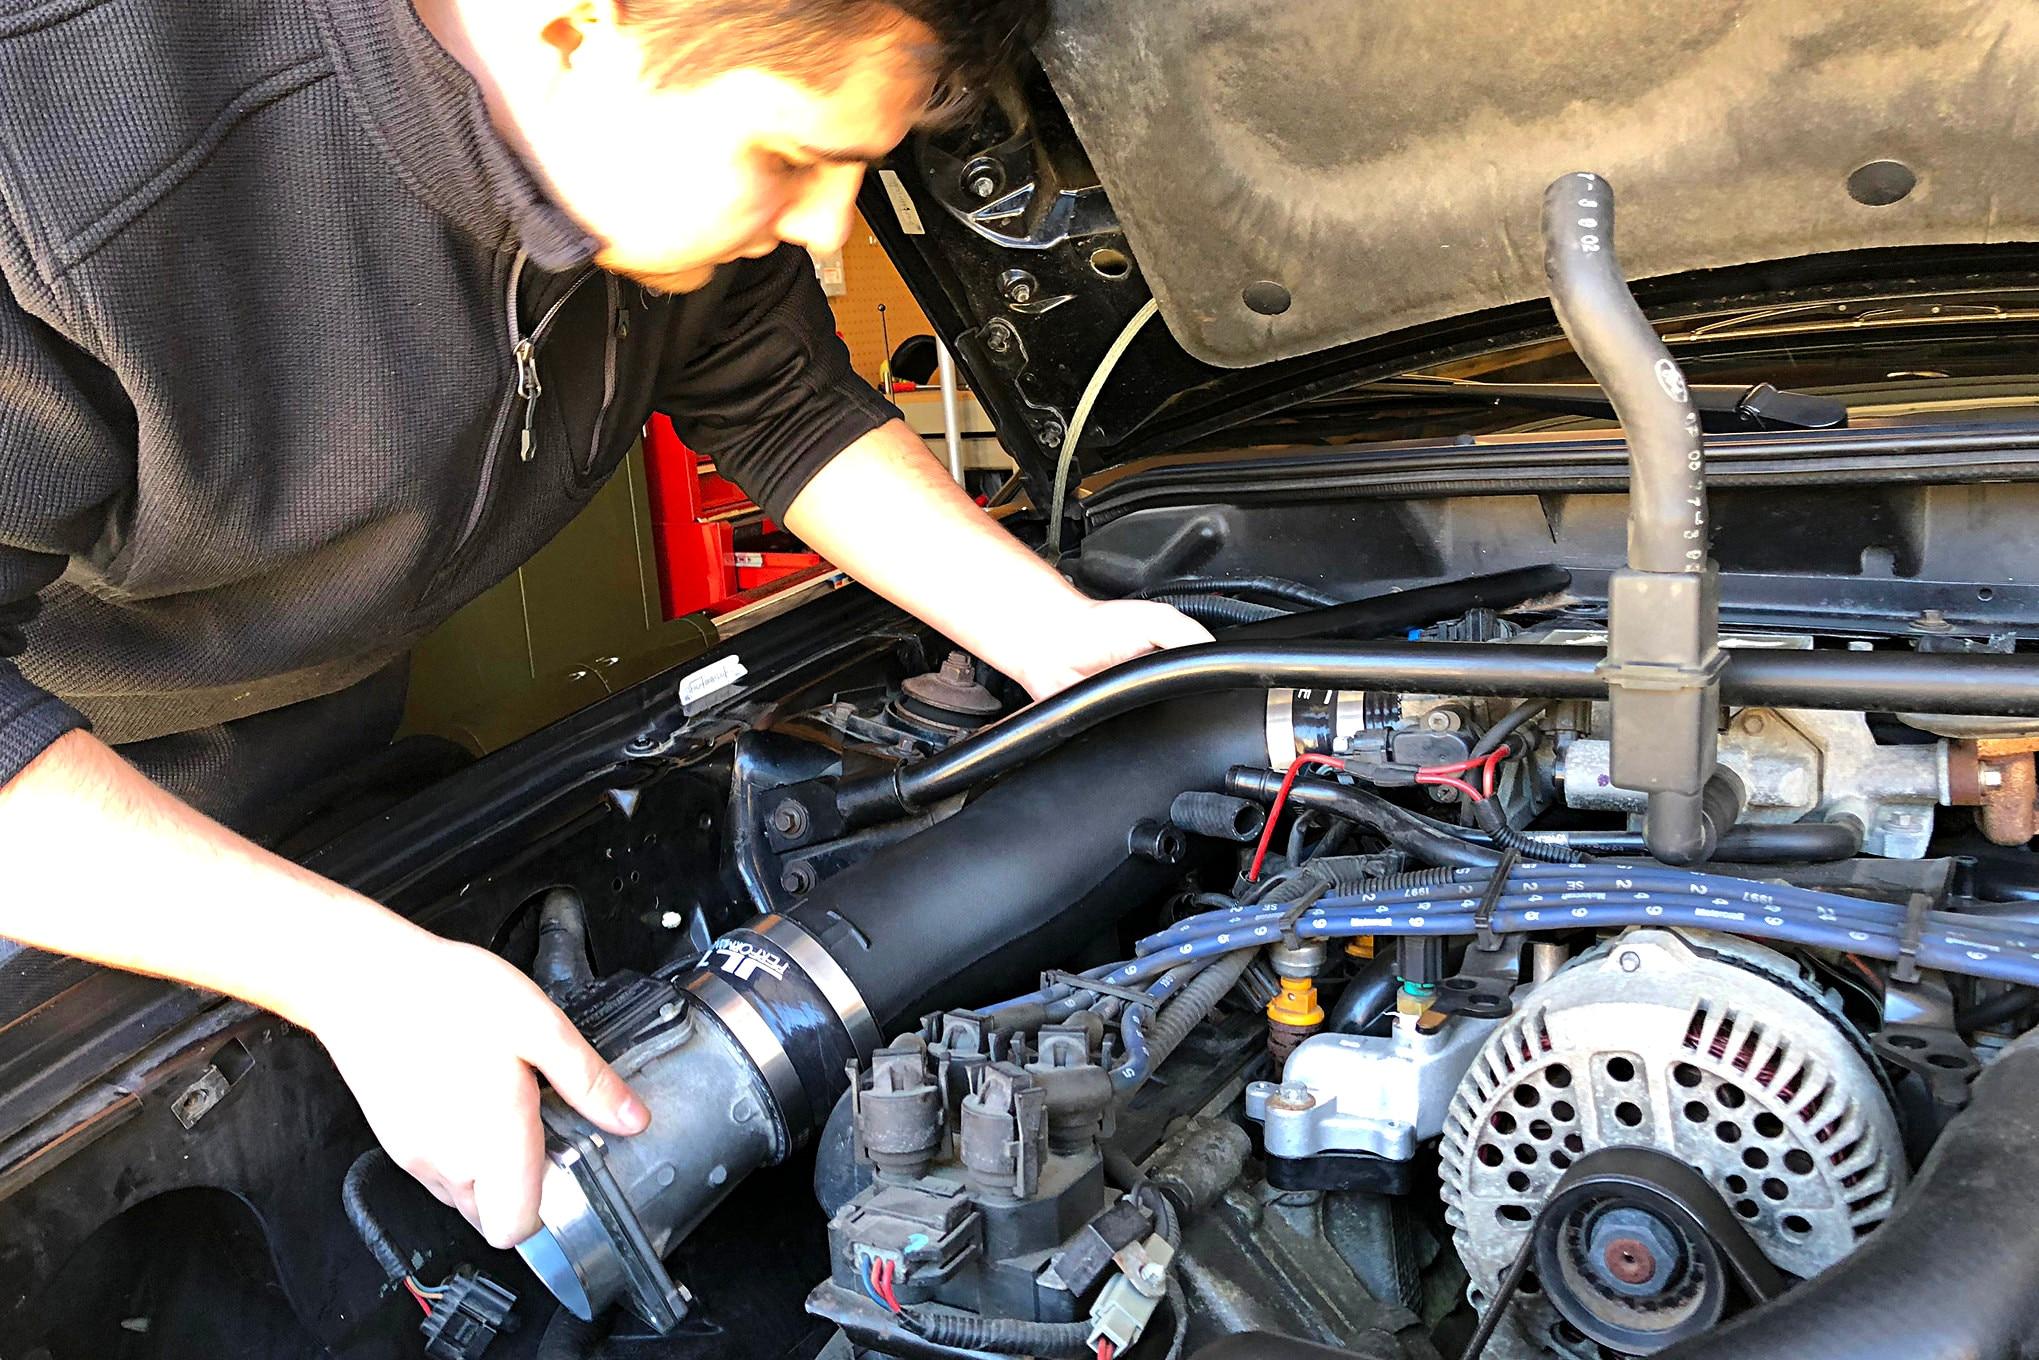 018 1997 Mustang Gt Jlt Ram Air Intake Installation